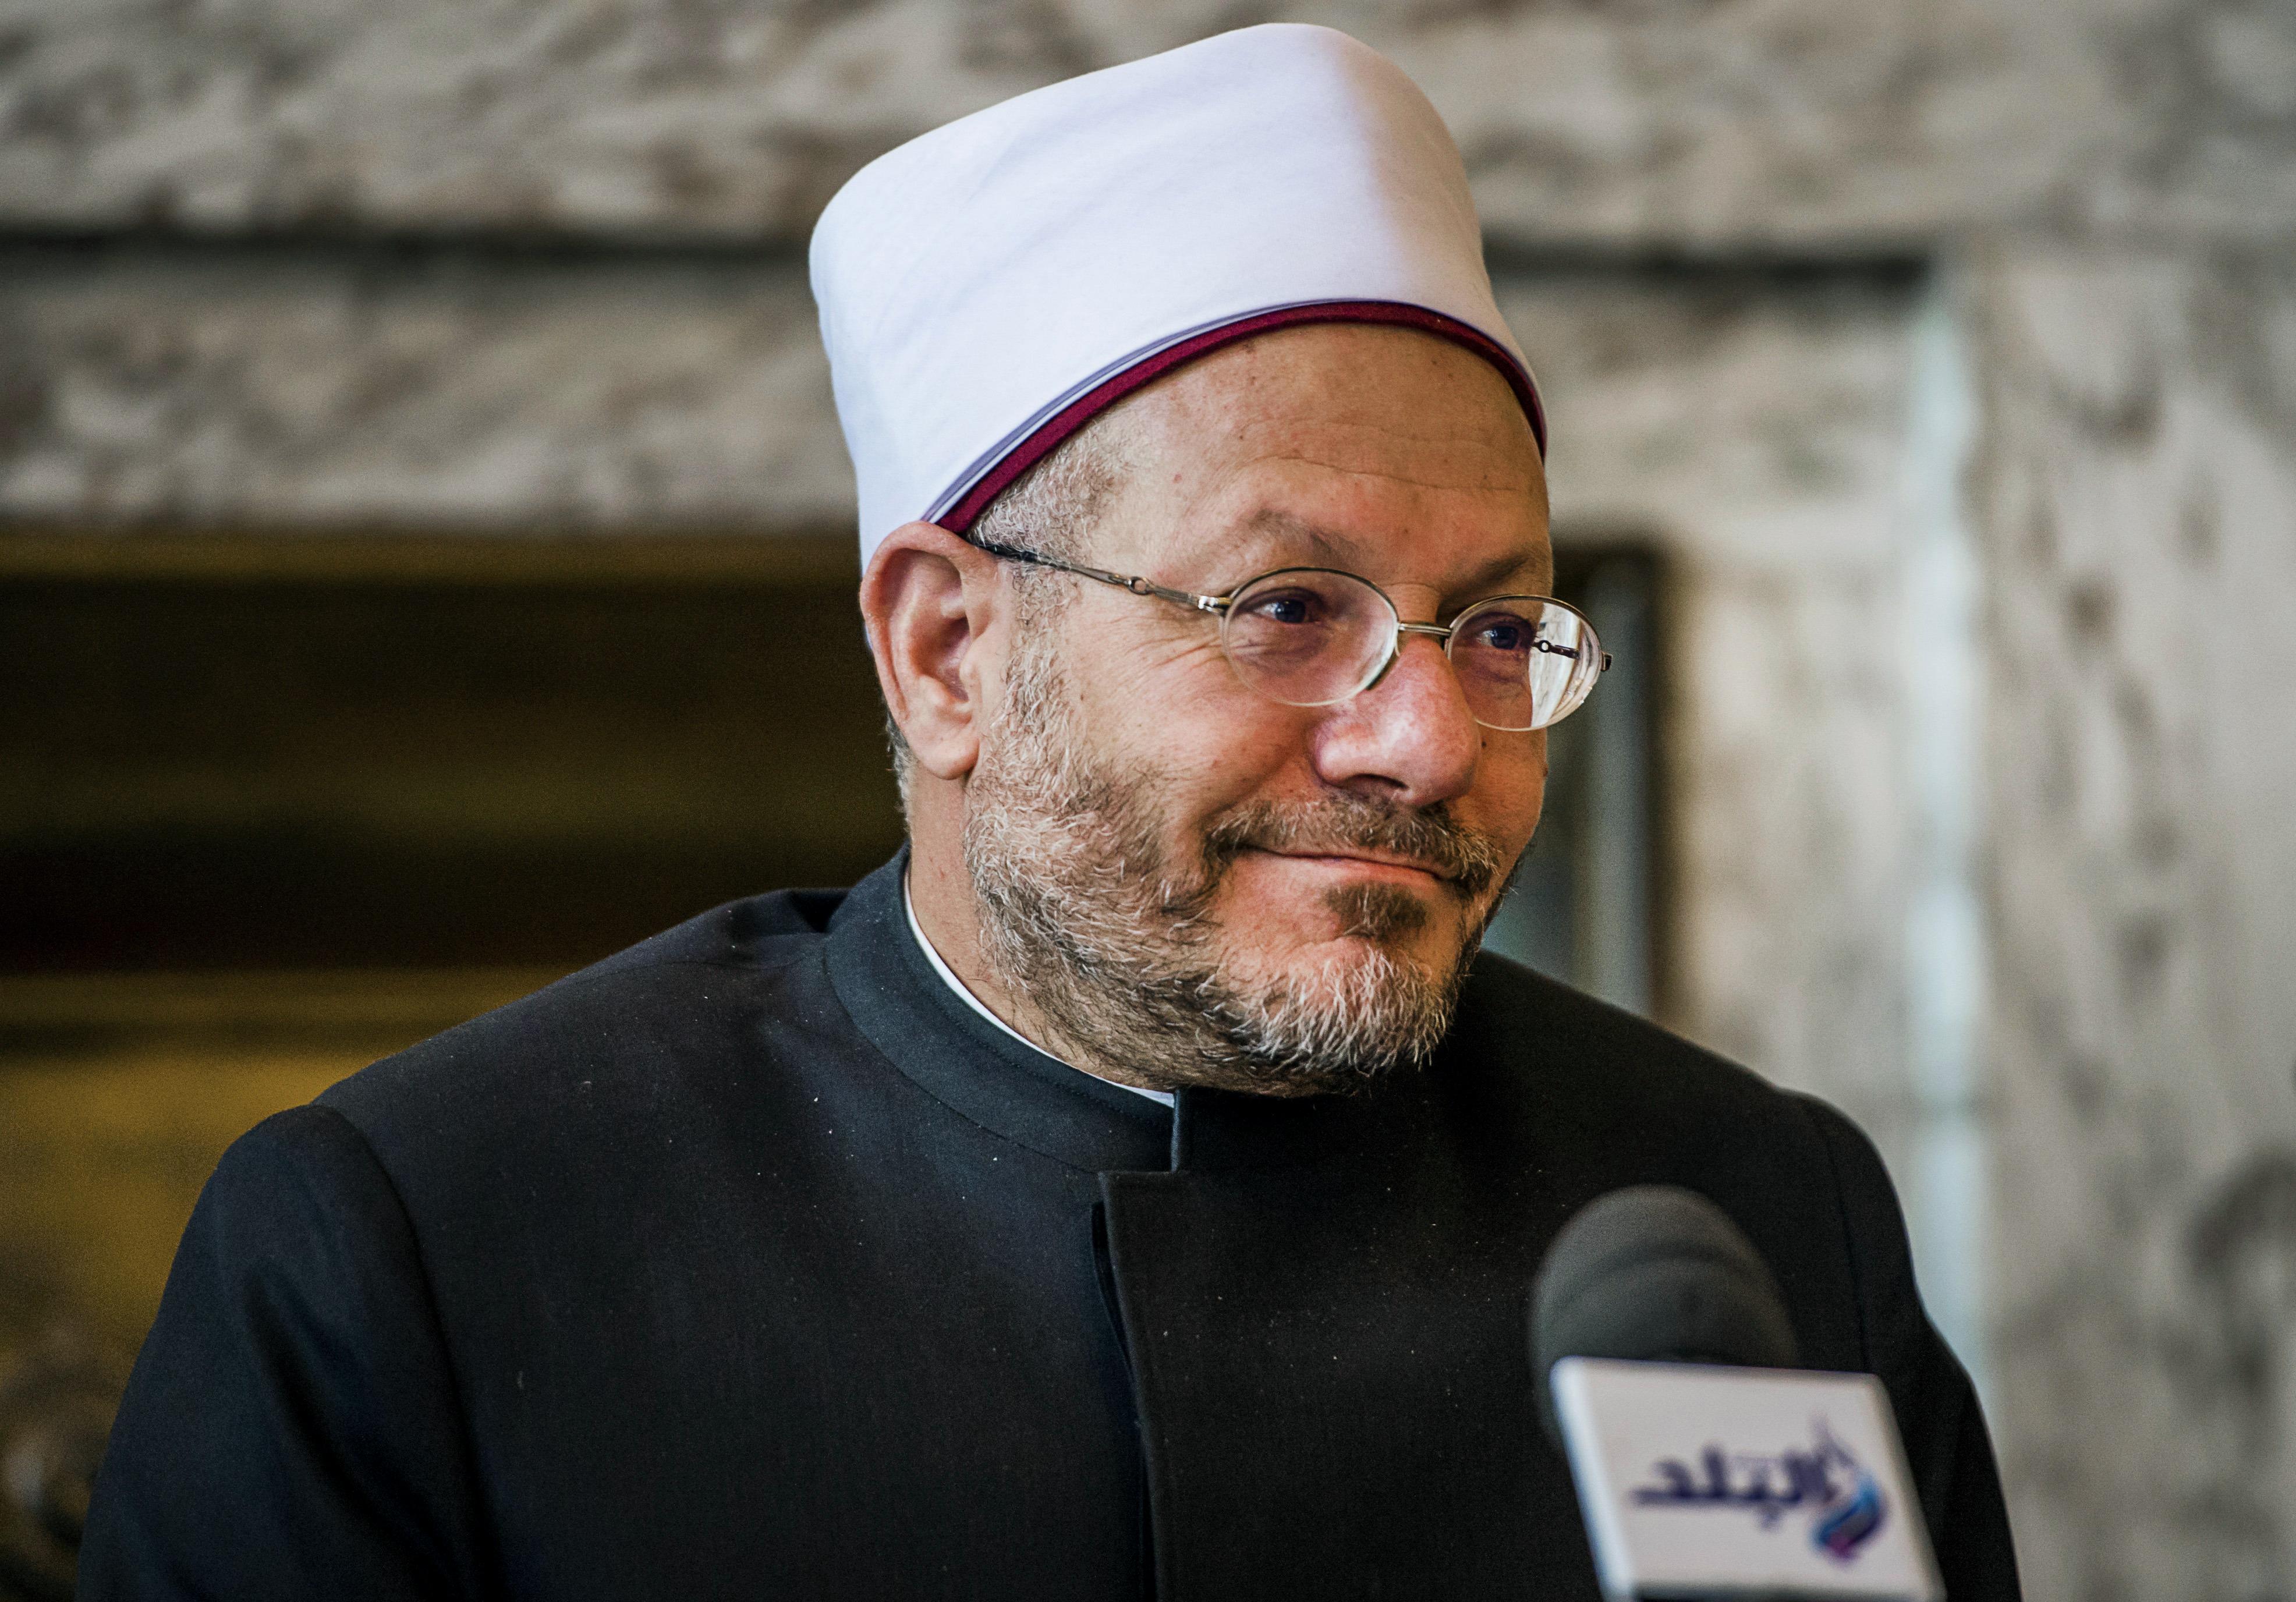 Egyiptom főmuftija fatvát mondott ki a Facebook-lájkok vásárlására